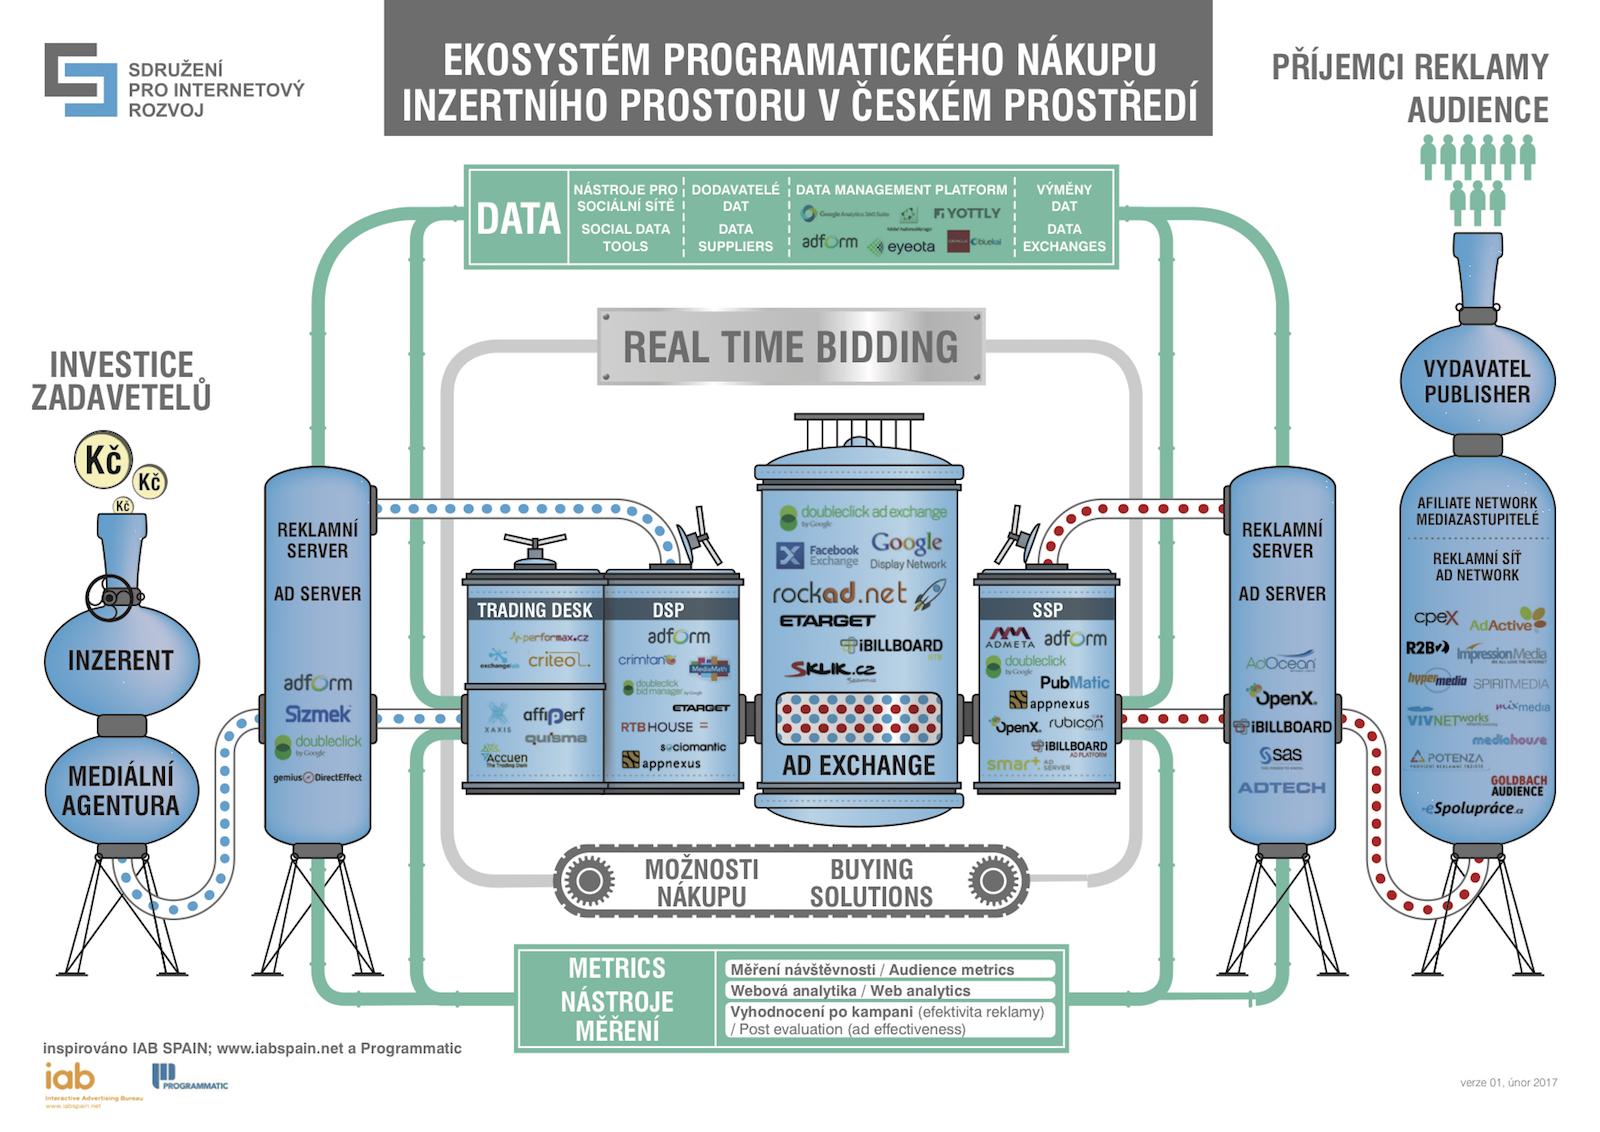 Jak funguje programatická reklama. Schéma: Sdružení pro internetový rozvoj